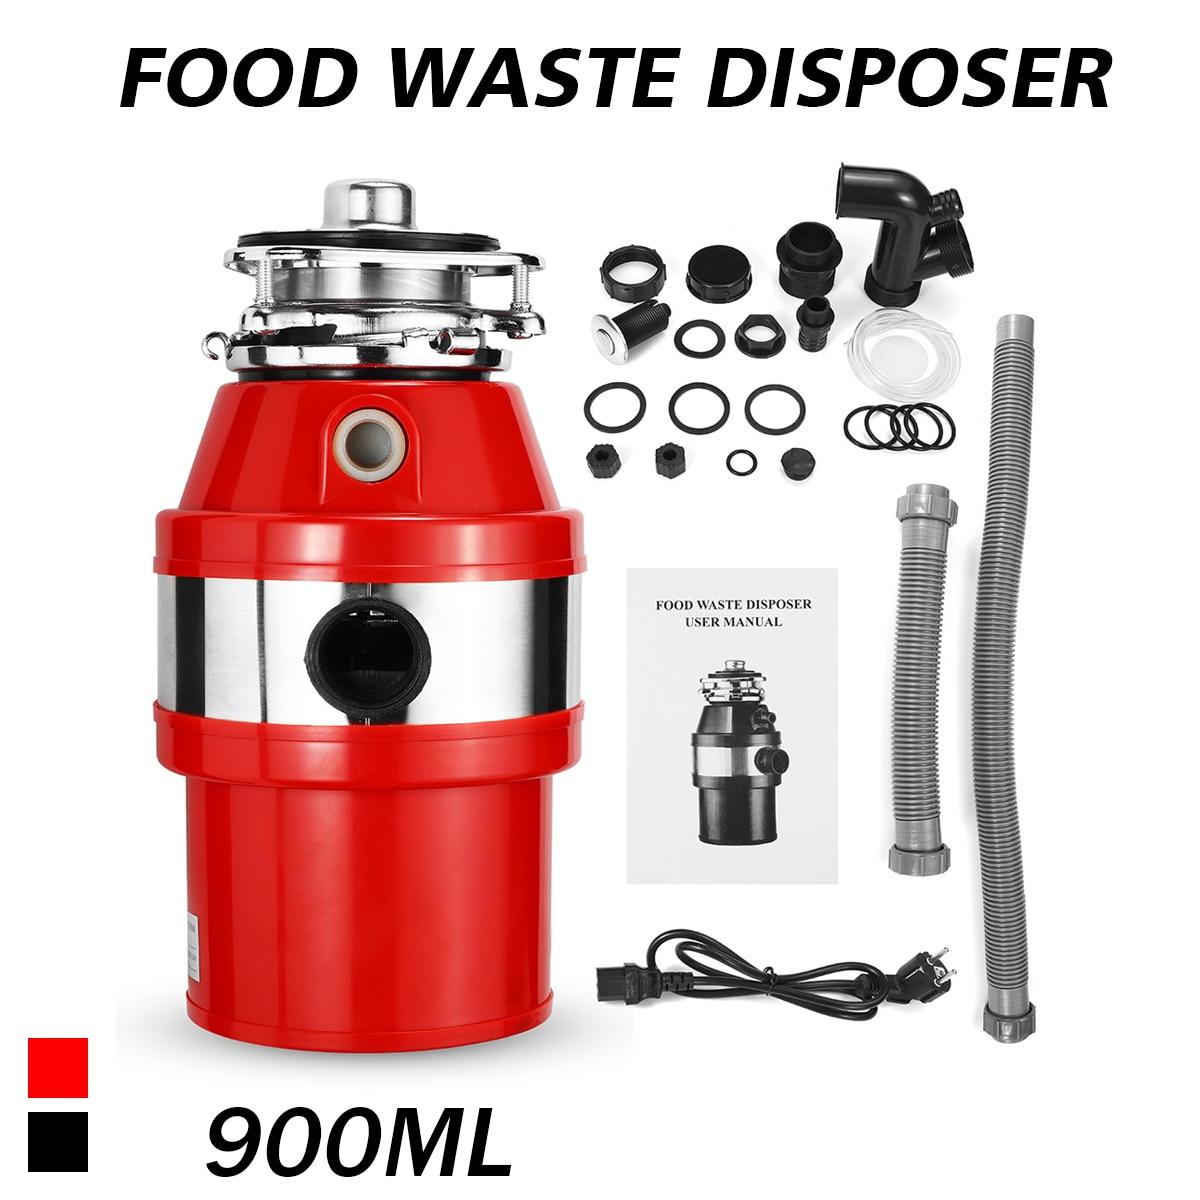 Кухонный измельчитель пищевых отходов, измельчитель пищевых отходов, 2600 об/мин, 900 мл, из нержавеющей стали, воздушный переключатель, 370 Вт, 220...